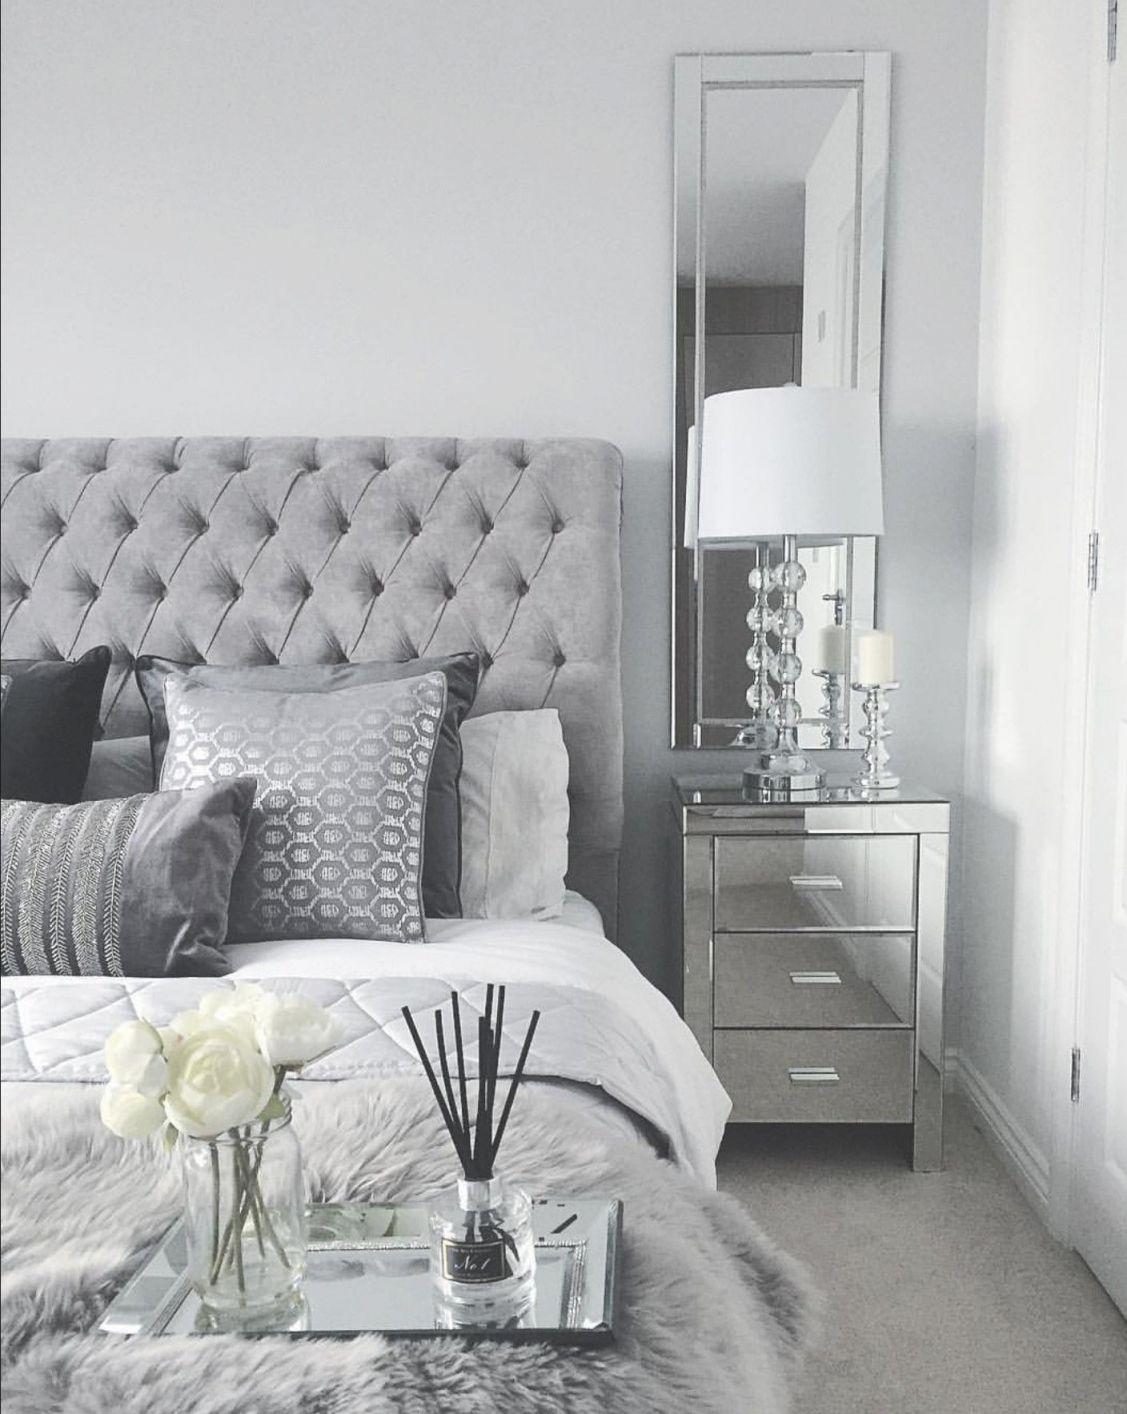 Grey Bedroom Inspo. Grey Interior Bedroom. Silver Mirror inside Black And Grey Bedroom Decorating Ideas